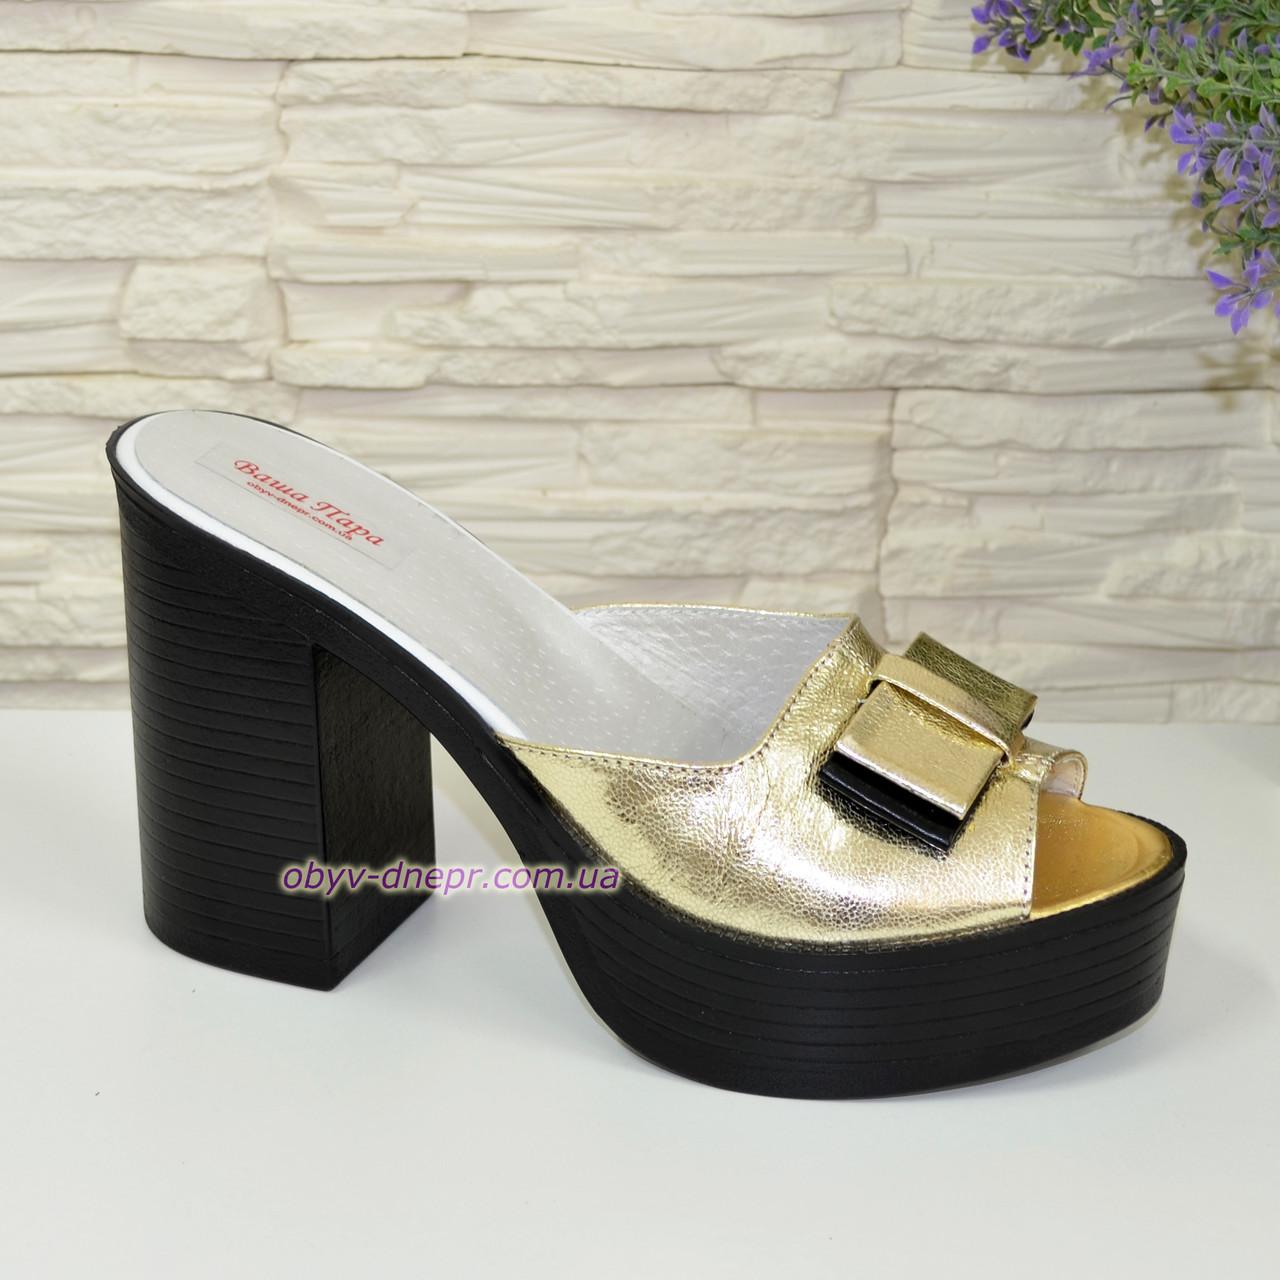 503de0ddd Сабо кожаные женские на устойчивом каблуке, цвет золото: продажа ...